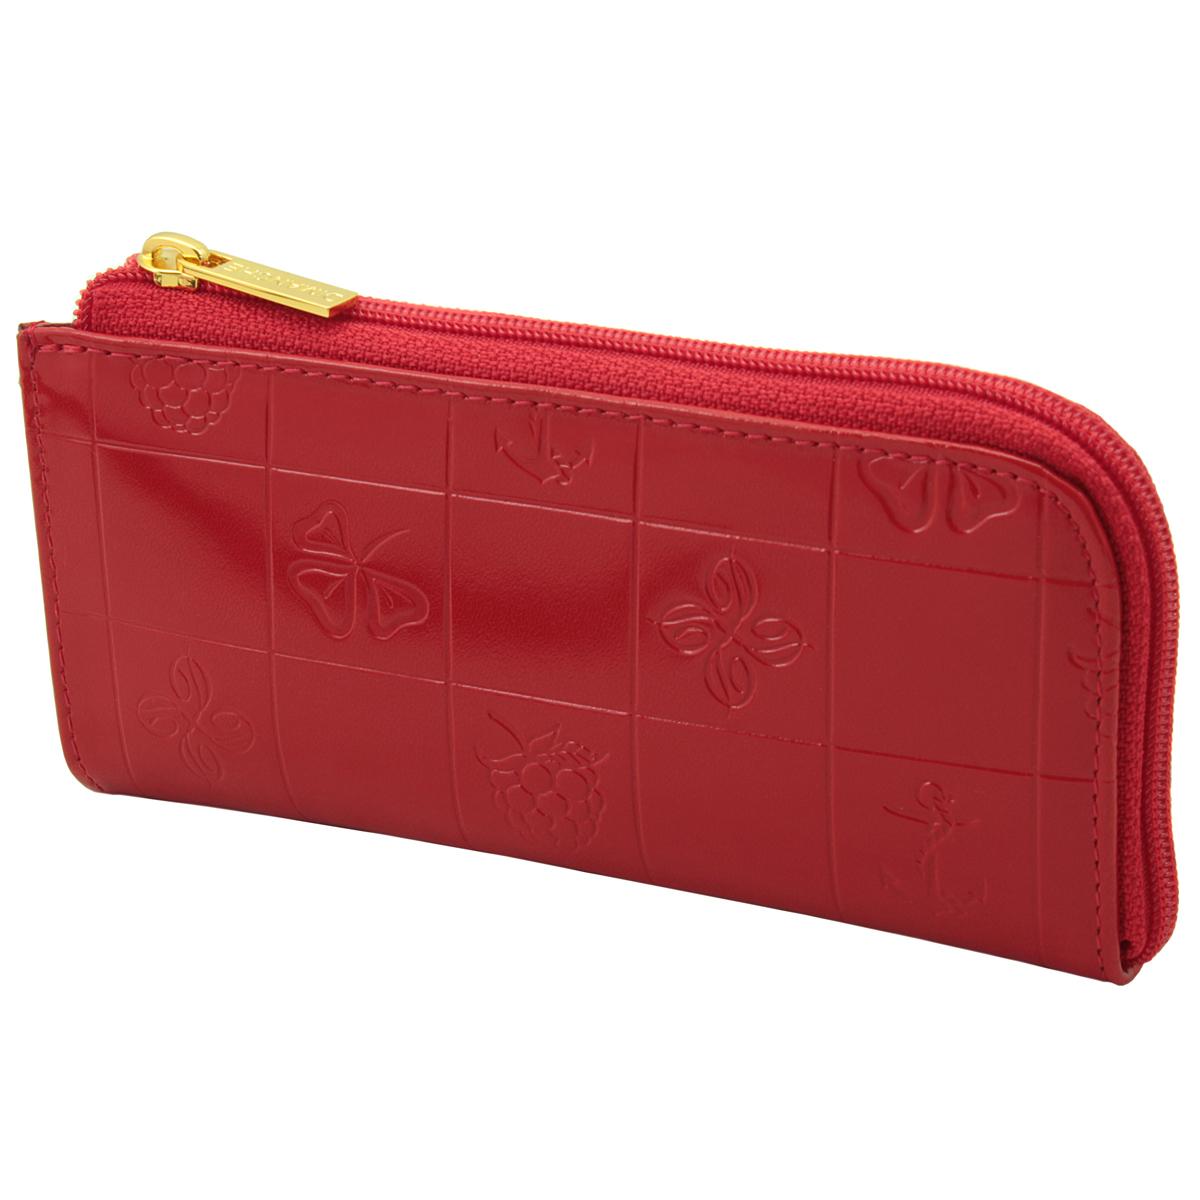 Ключница Dimanche Bonbon, цвет: красный. 219219Компактная ключница Bonbon - стильная вещь для хранения ключей. Ключница выполнена из натуральной кожи красного цвета с тиснением. Состоит из одного отделения, закрывающегося на застежку-молнию. Внутри ключницы на кожаной петле крепится металлическое кольцо для ключей. На внешней стороне расположен дополнительный карман на молнии. Ключница упакована в фирменную картонную коробку. Характеристики: Цвет: красный. Материал: натуральная кожа, текстиль, металл. Размер: 14 см x 7 см x 2 см. Изготовитель: Россия. Артикул: 219.